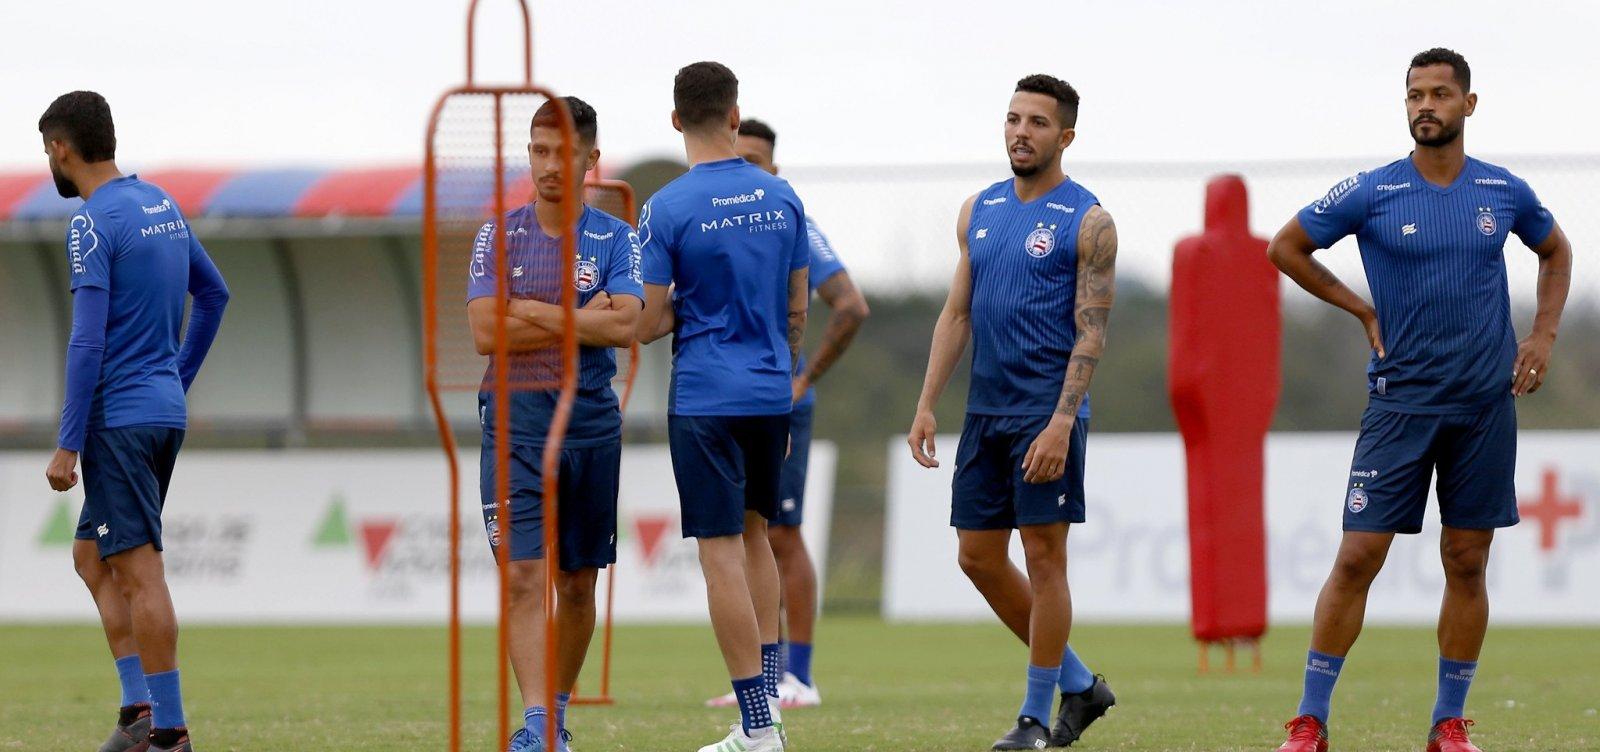 Bahia enfrenta Jacuipense pela semifinal do Baianão nesta quinta